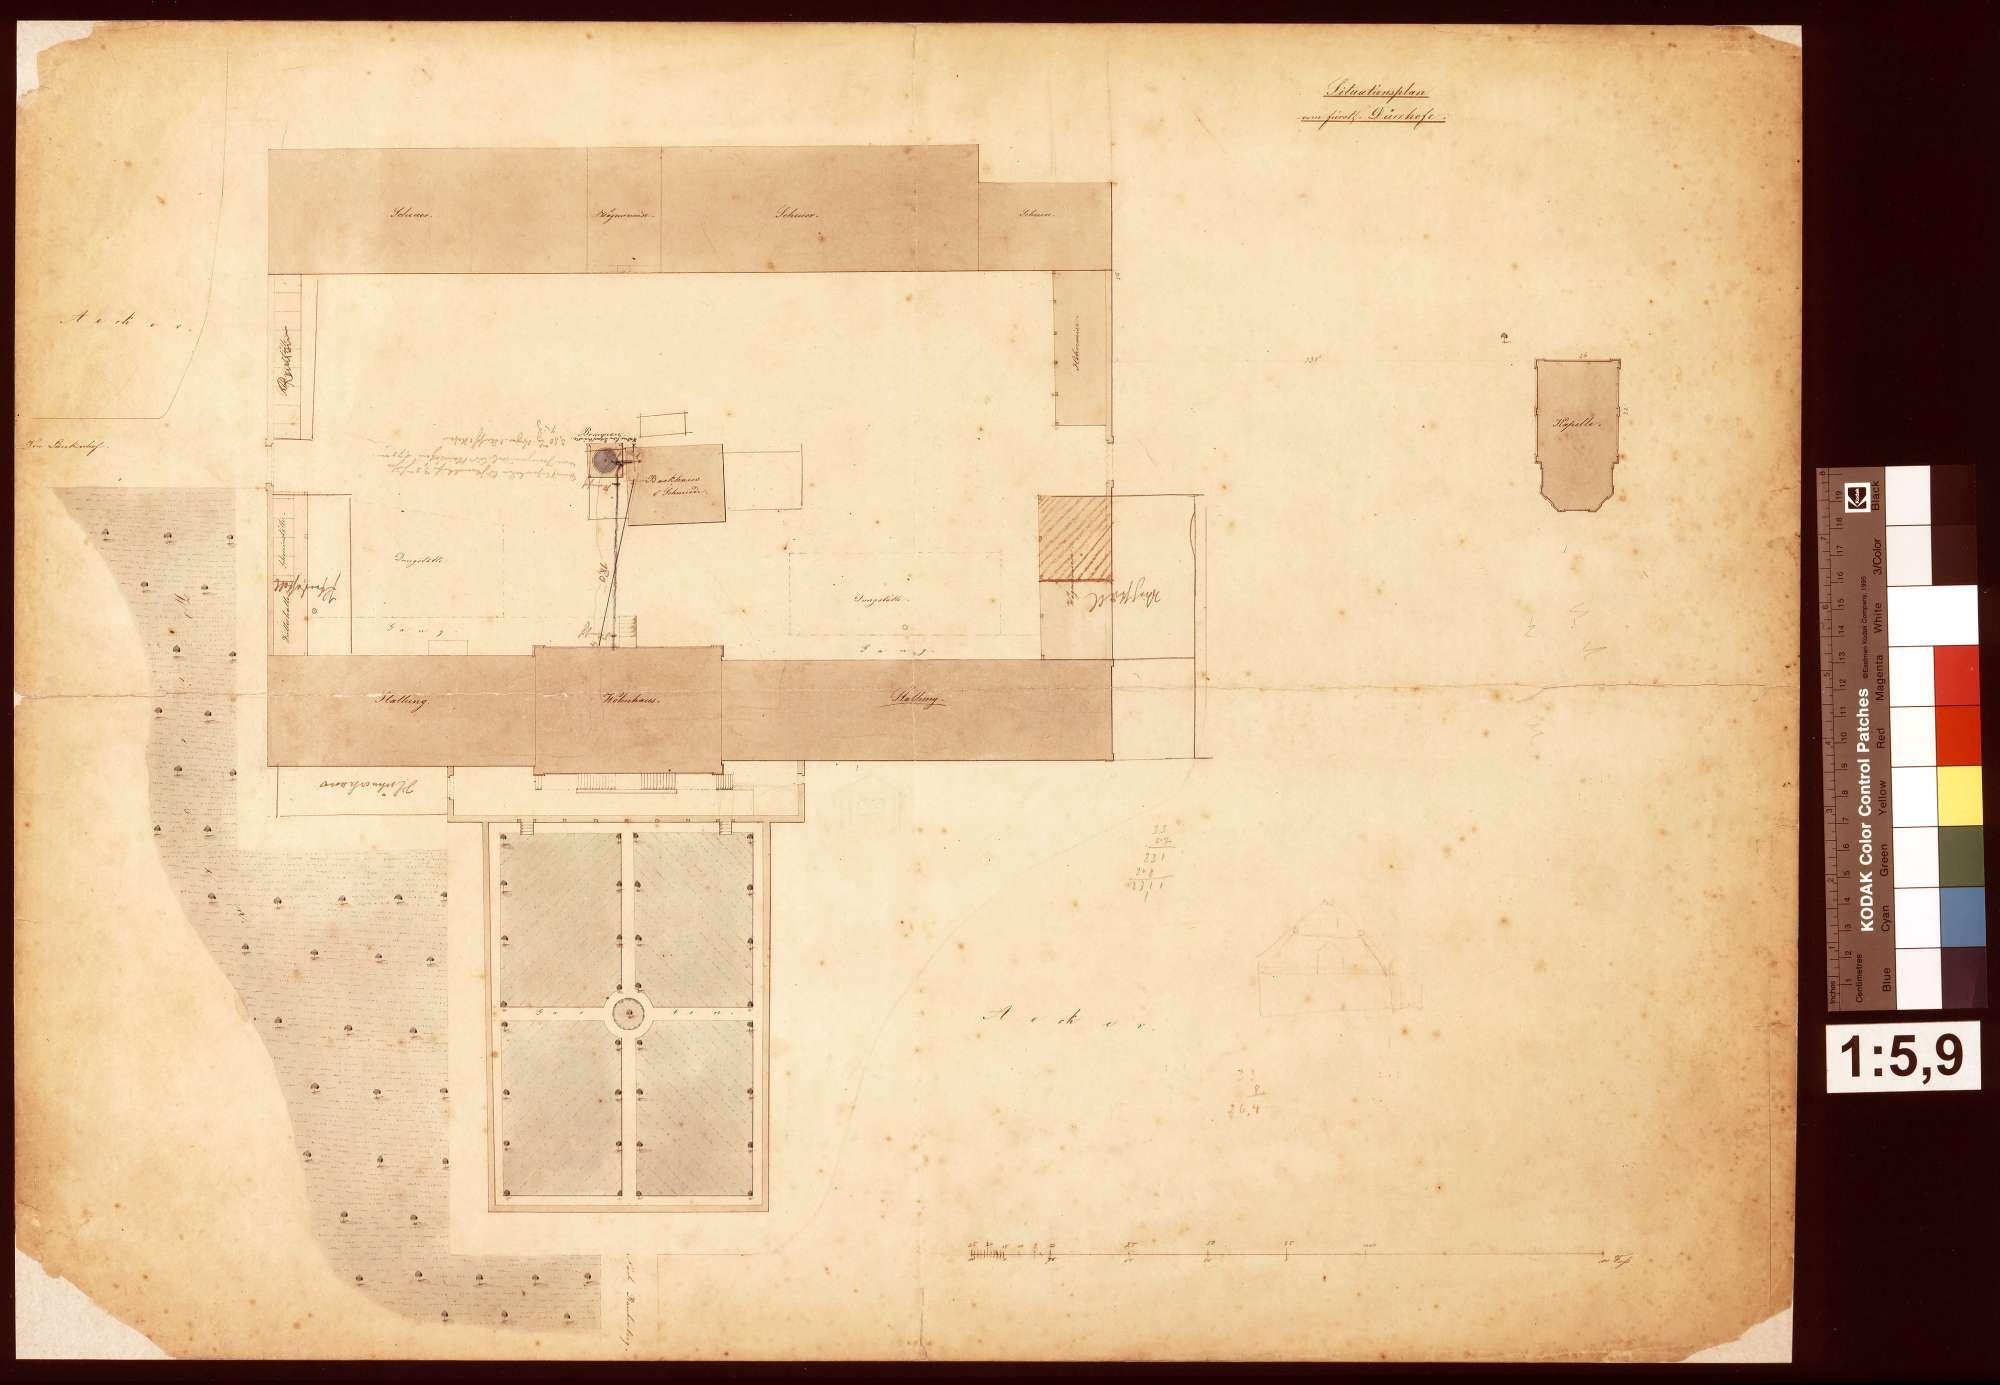 Situtationsplan vom Dürrhof, Bild 1